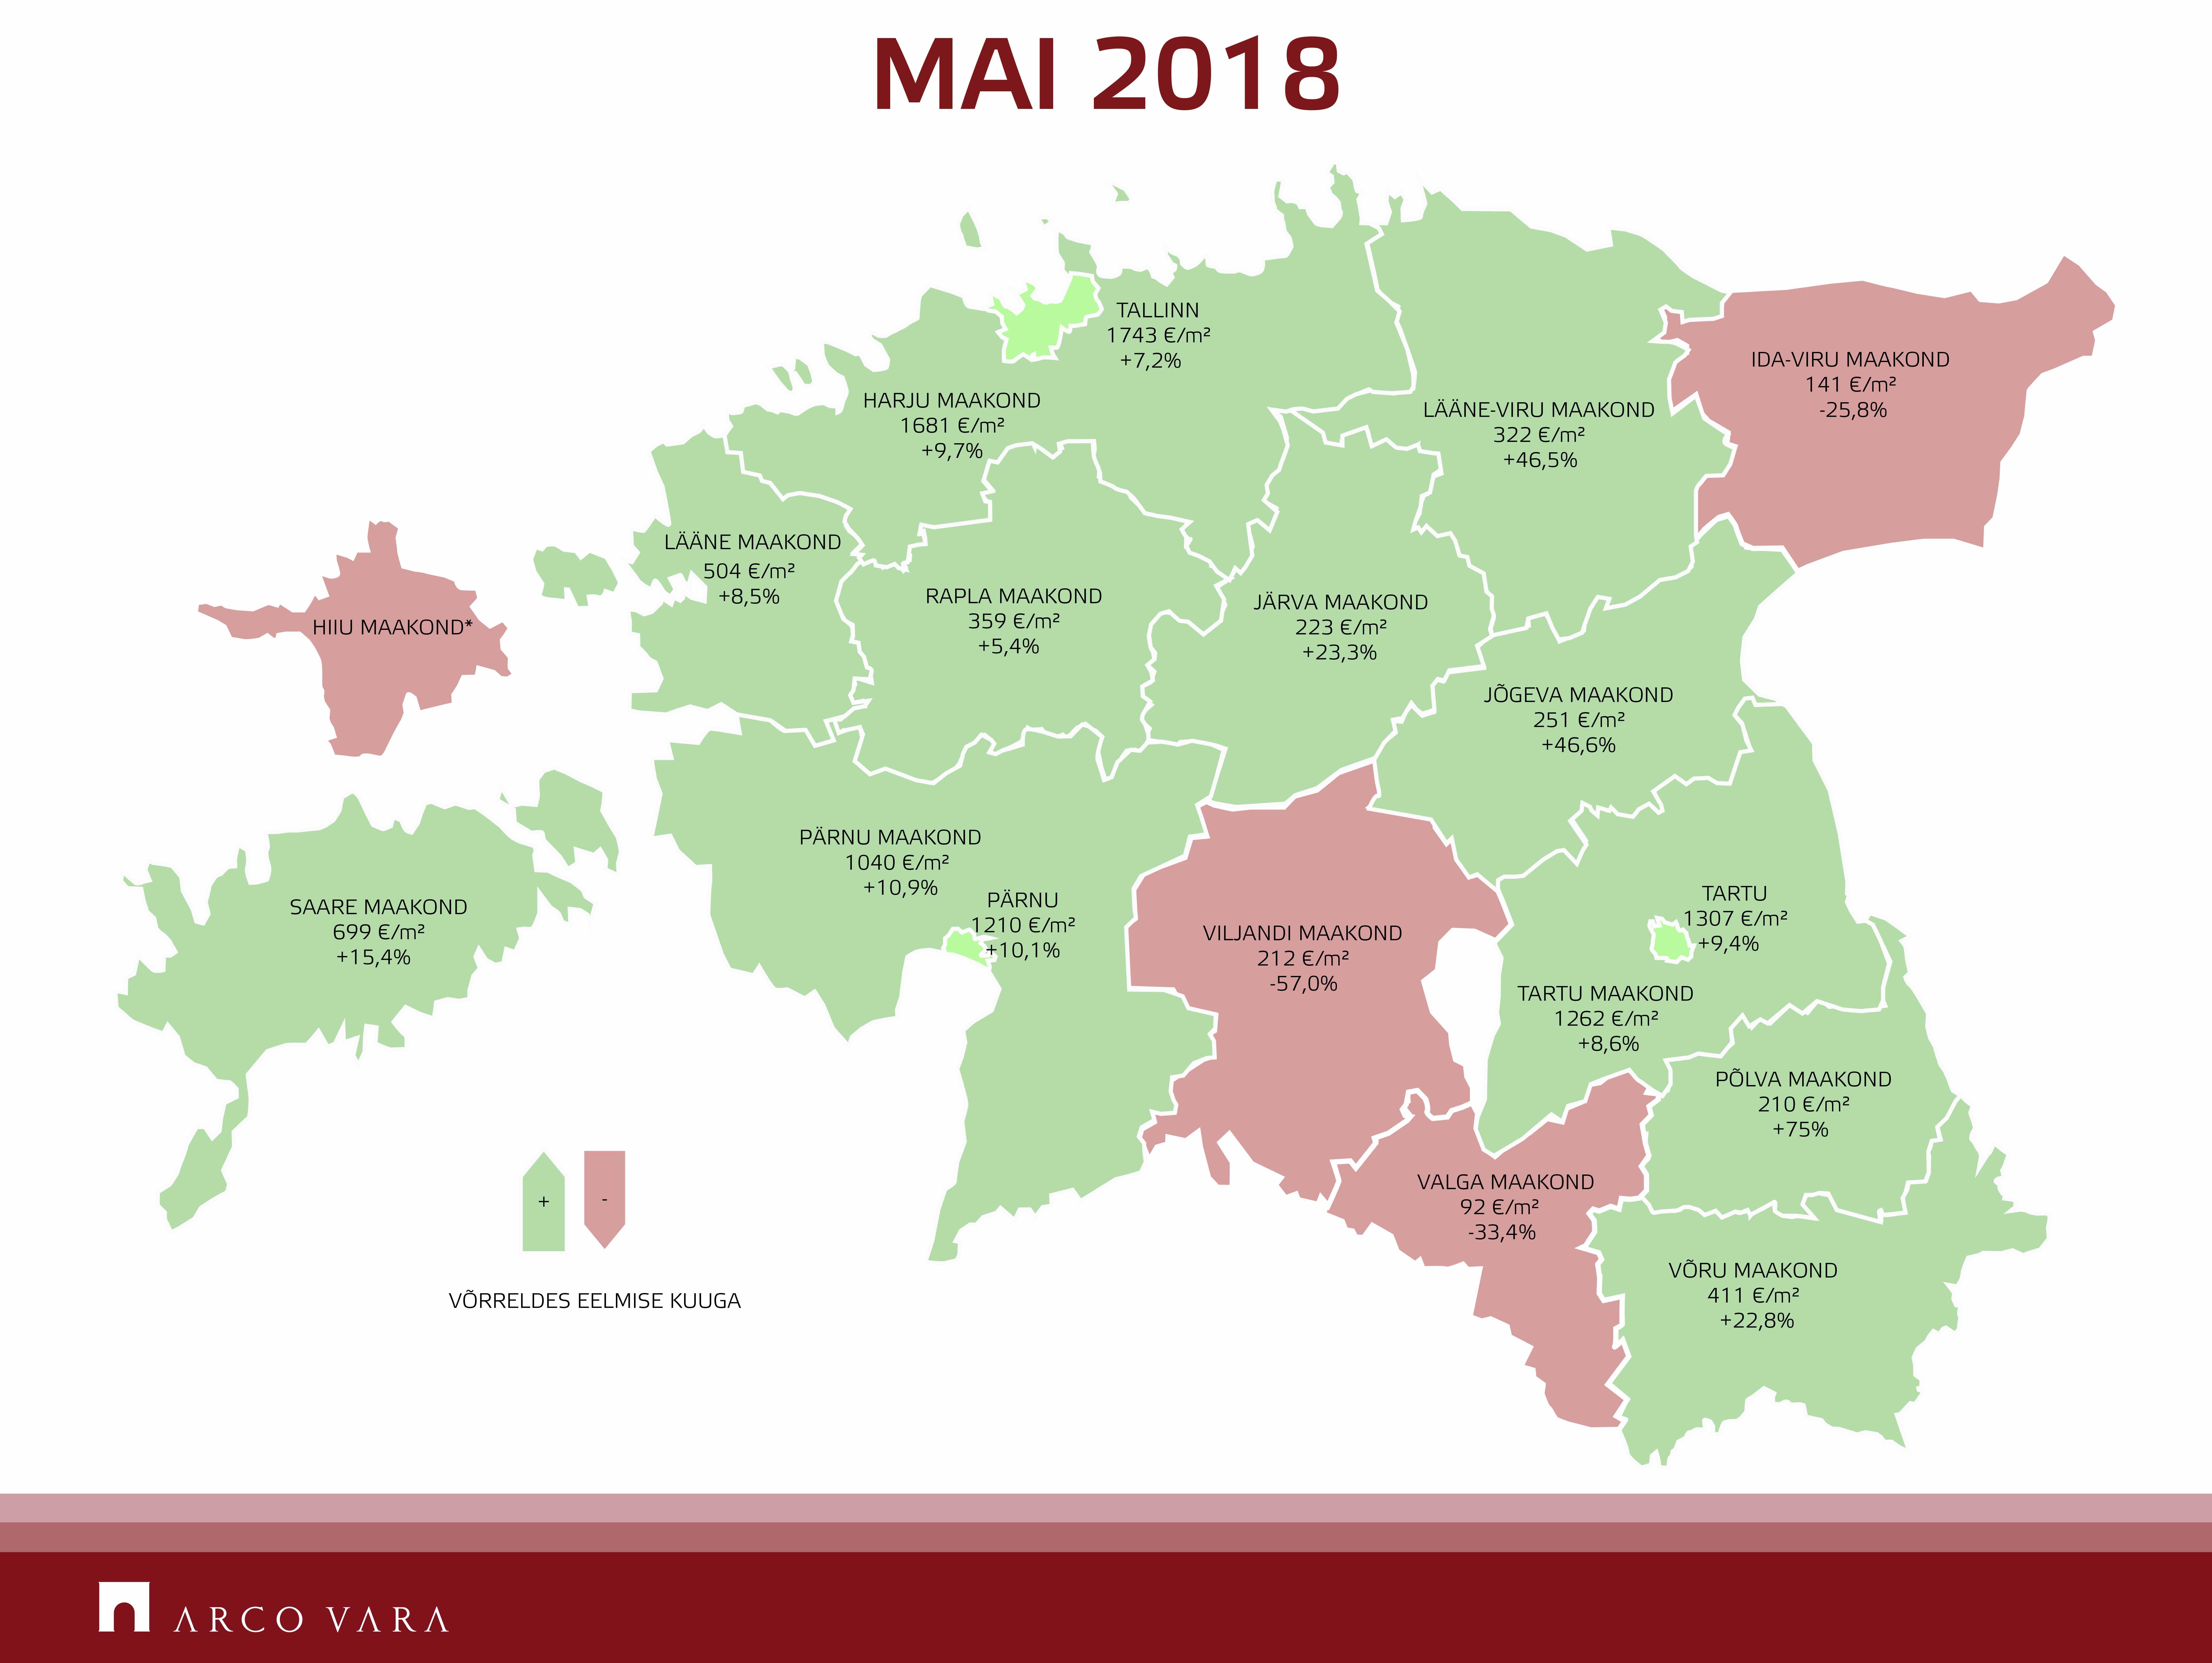 180608 Eesti kinnisvaraturu maikuu lühiülevaade 4